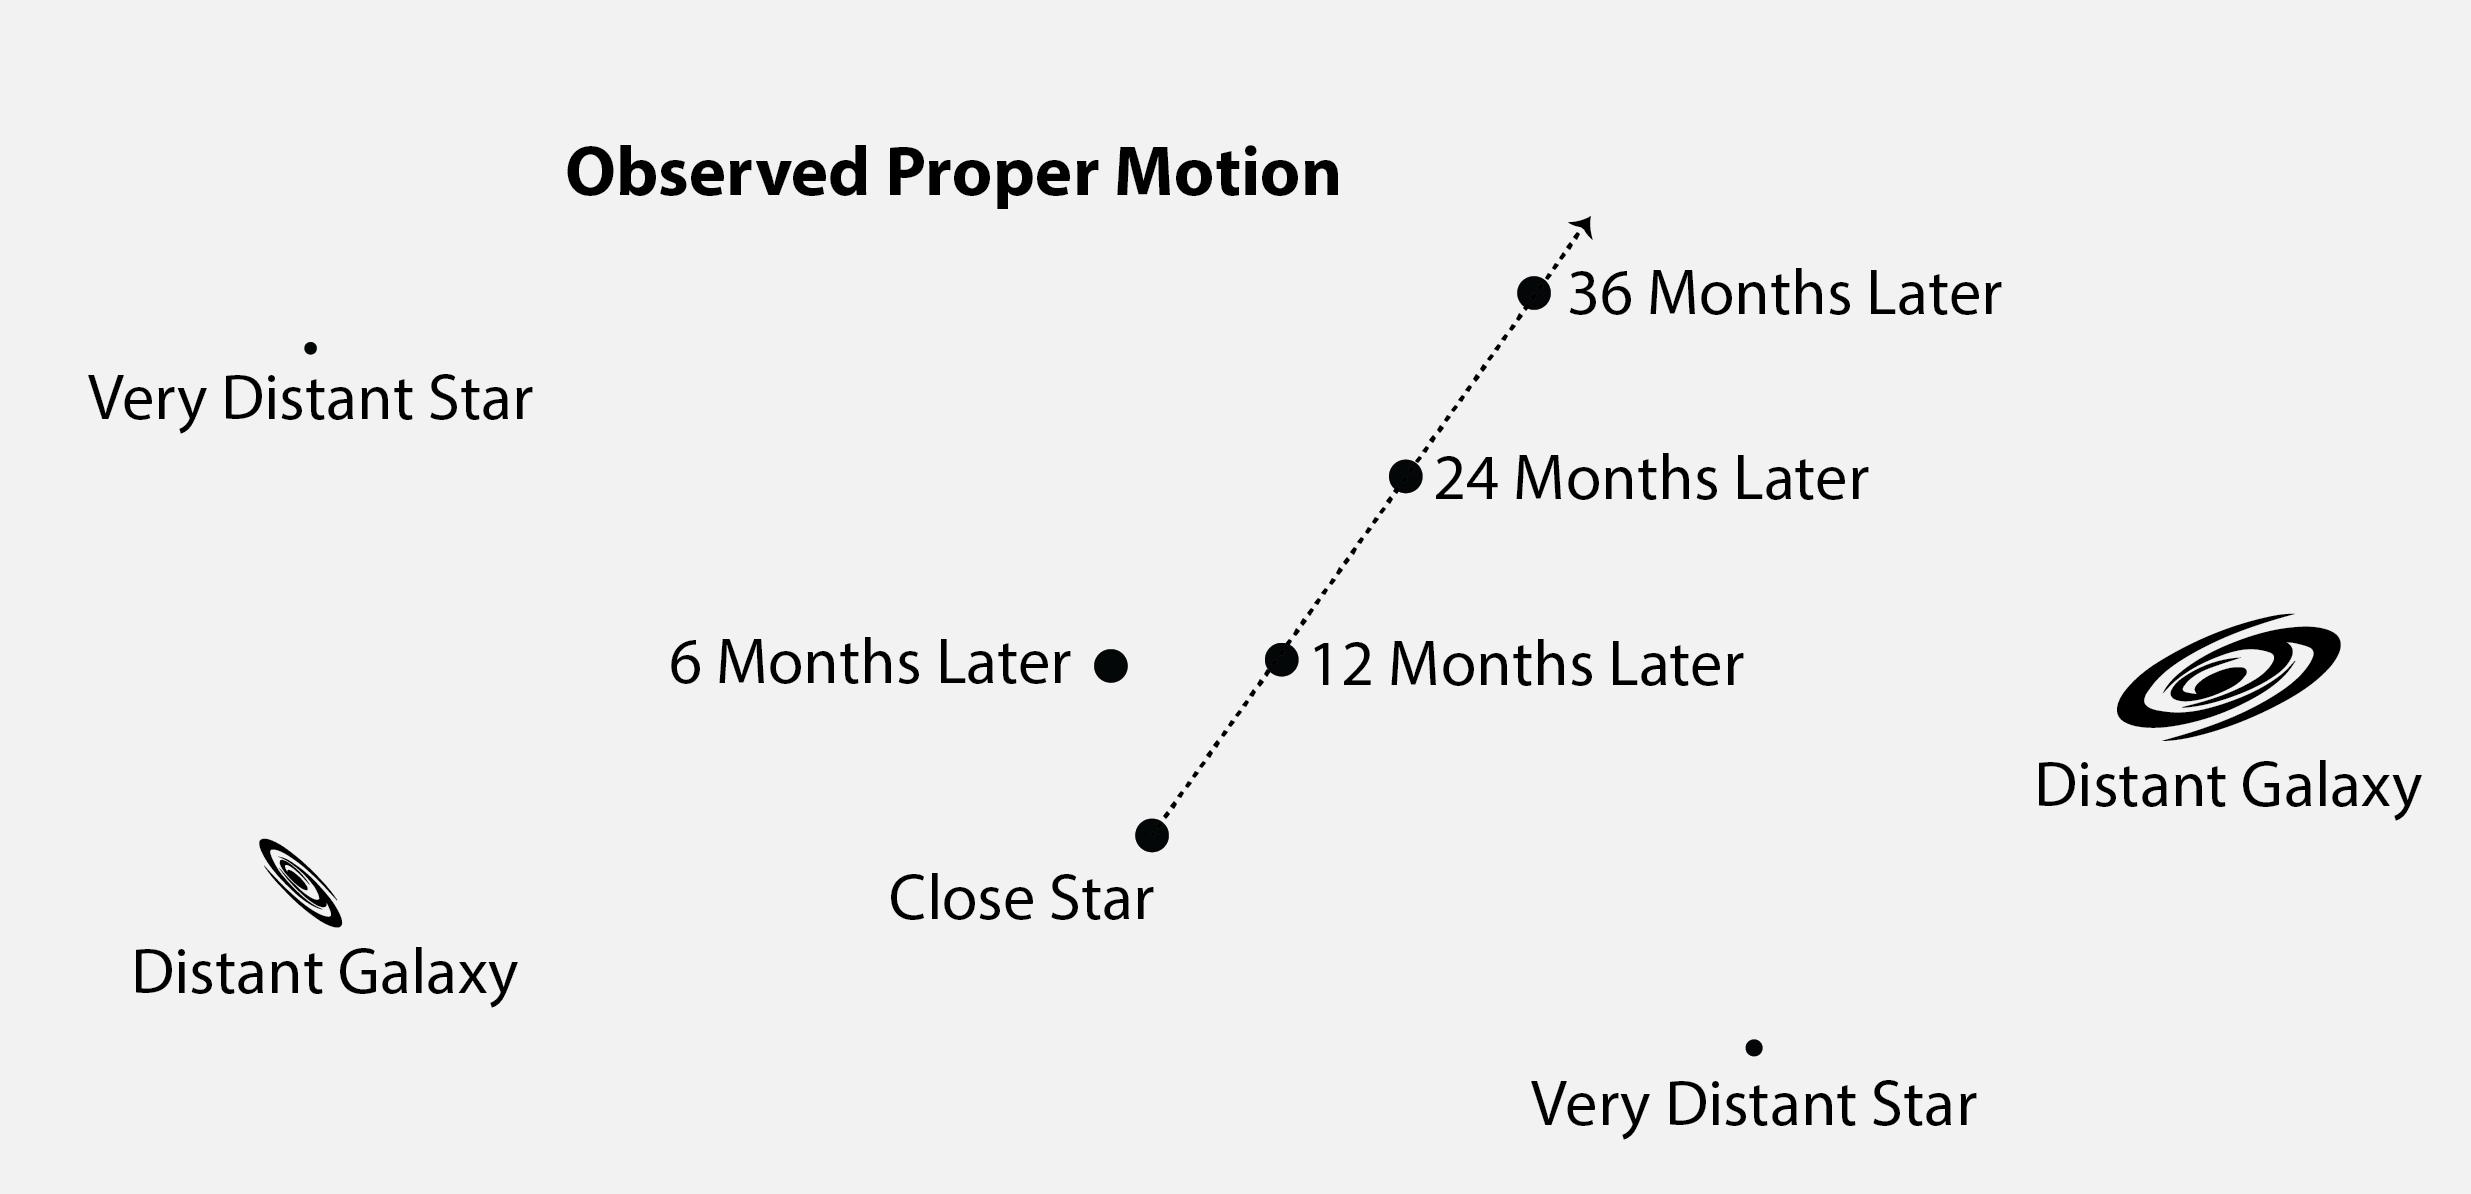 07-Proper_Motion.png